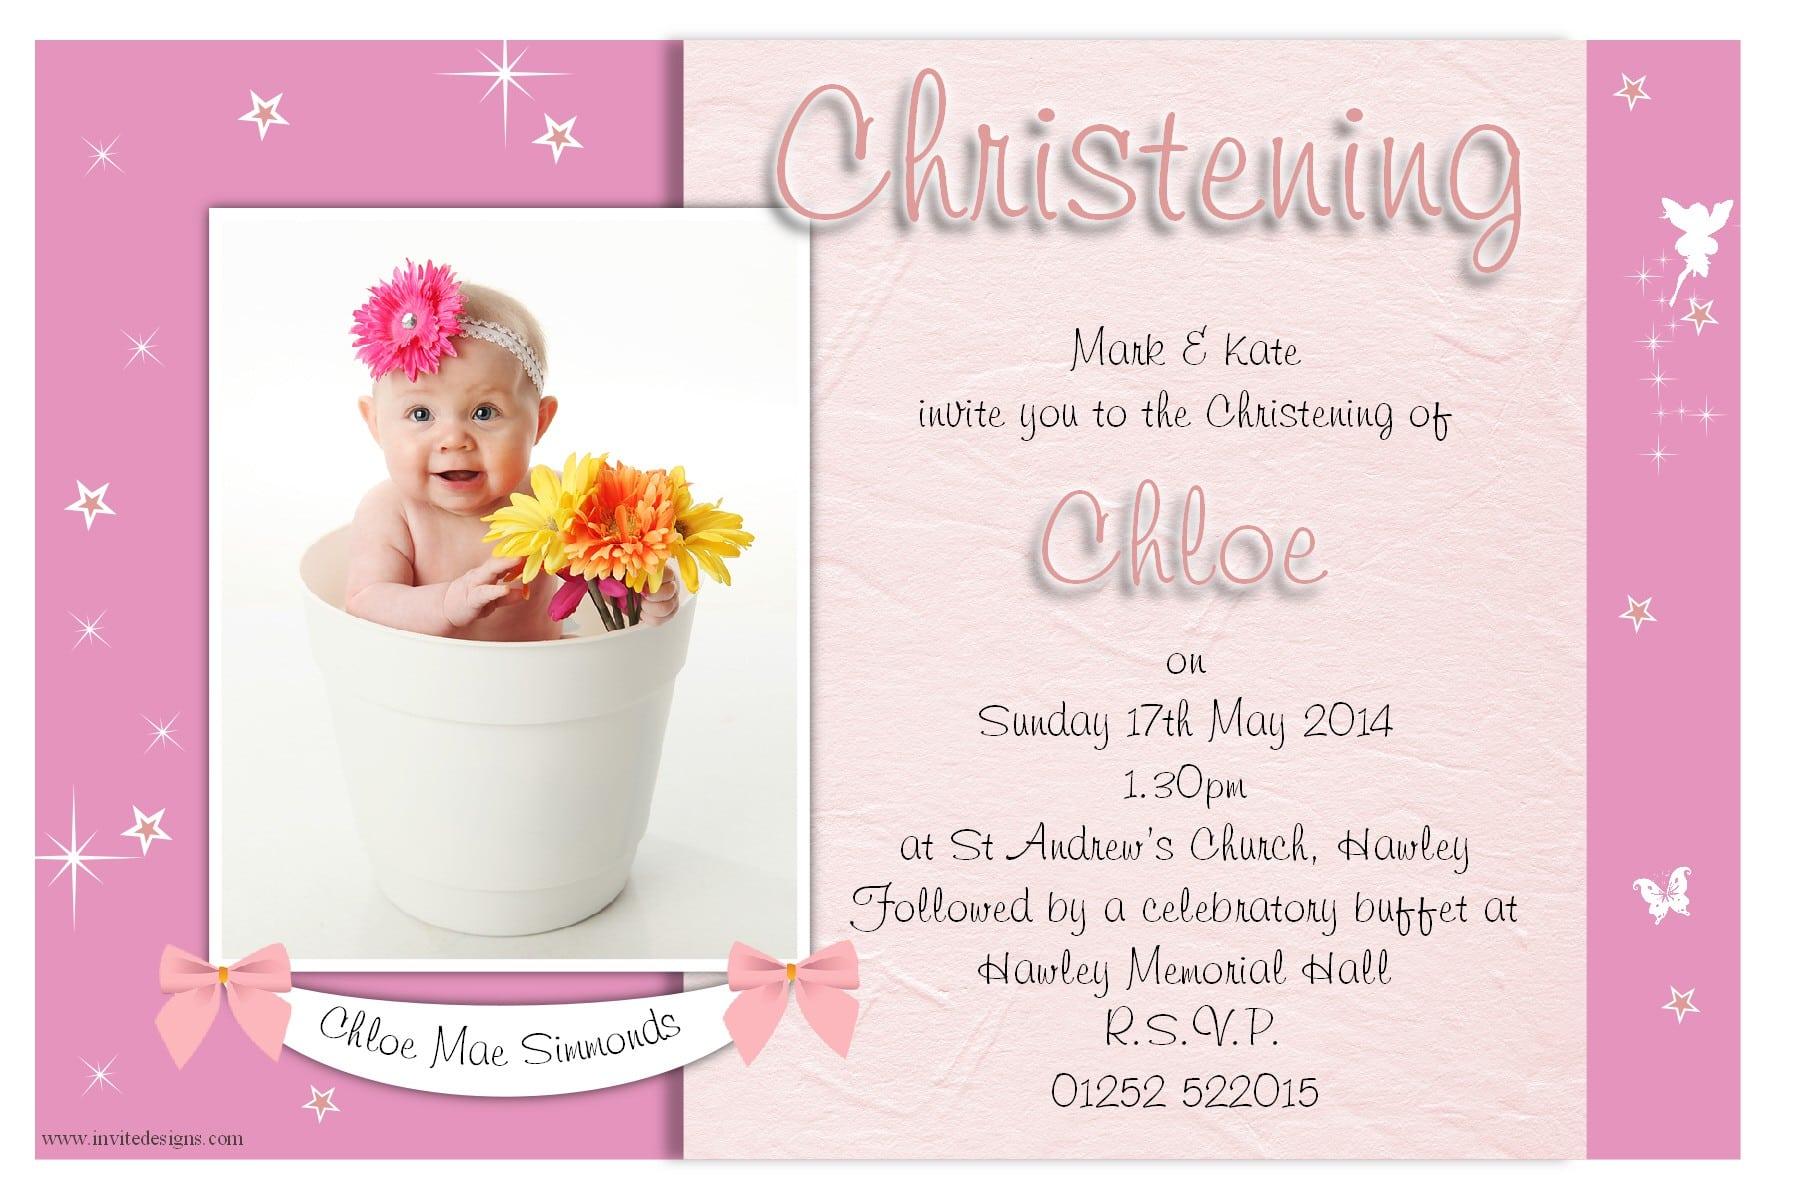 Christening Invitation For Girls 5